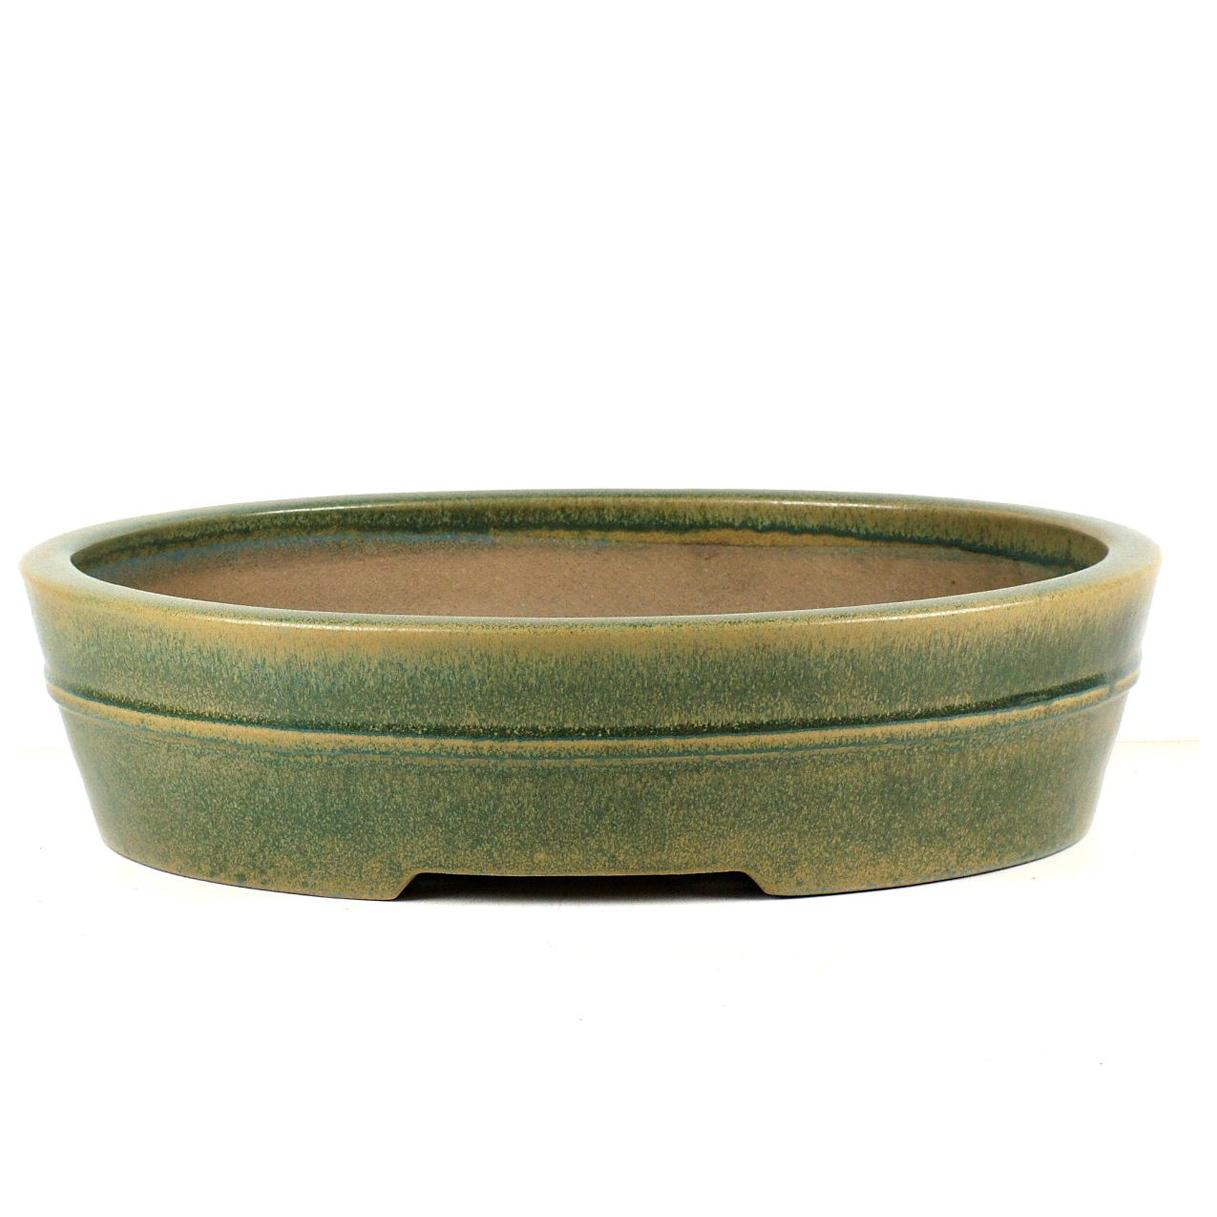 Bonsaischalen handgemacht oval glasiert